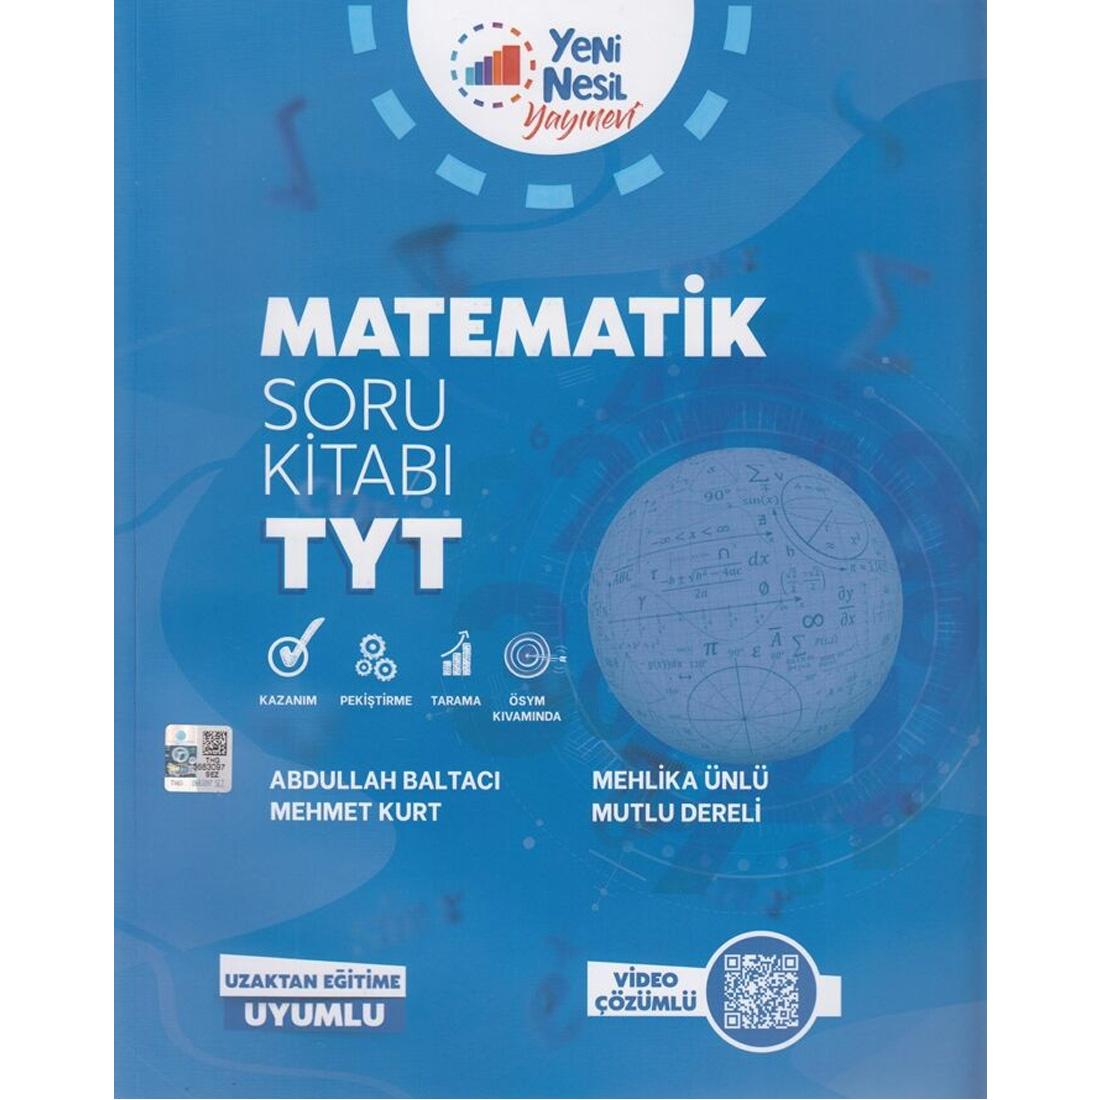 Tyt Matematik Soru Kitabı Video Çözümlü Yeni Nesil Yayıncılık